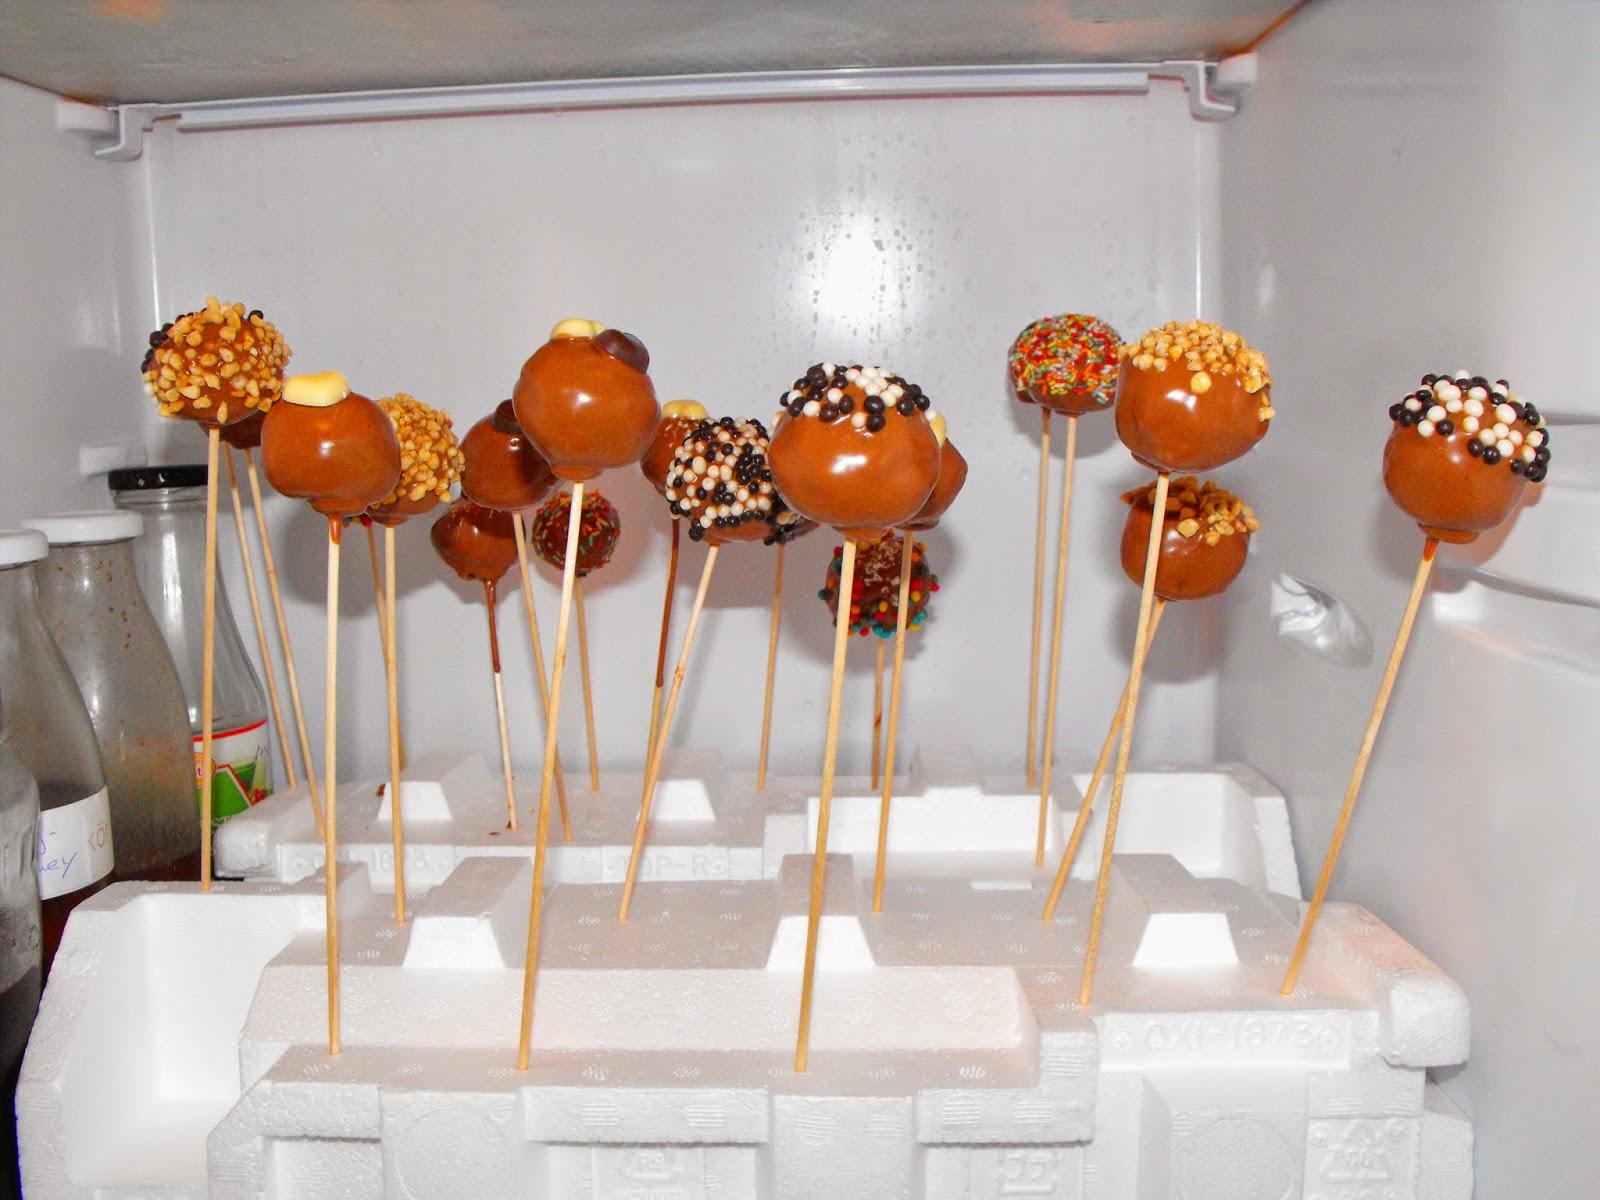 selber macherin cake pops leckere resteverwertung f r brig gebliebenen kuchen. Black Bedroom Furniture Sets. Home Design Ideas